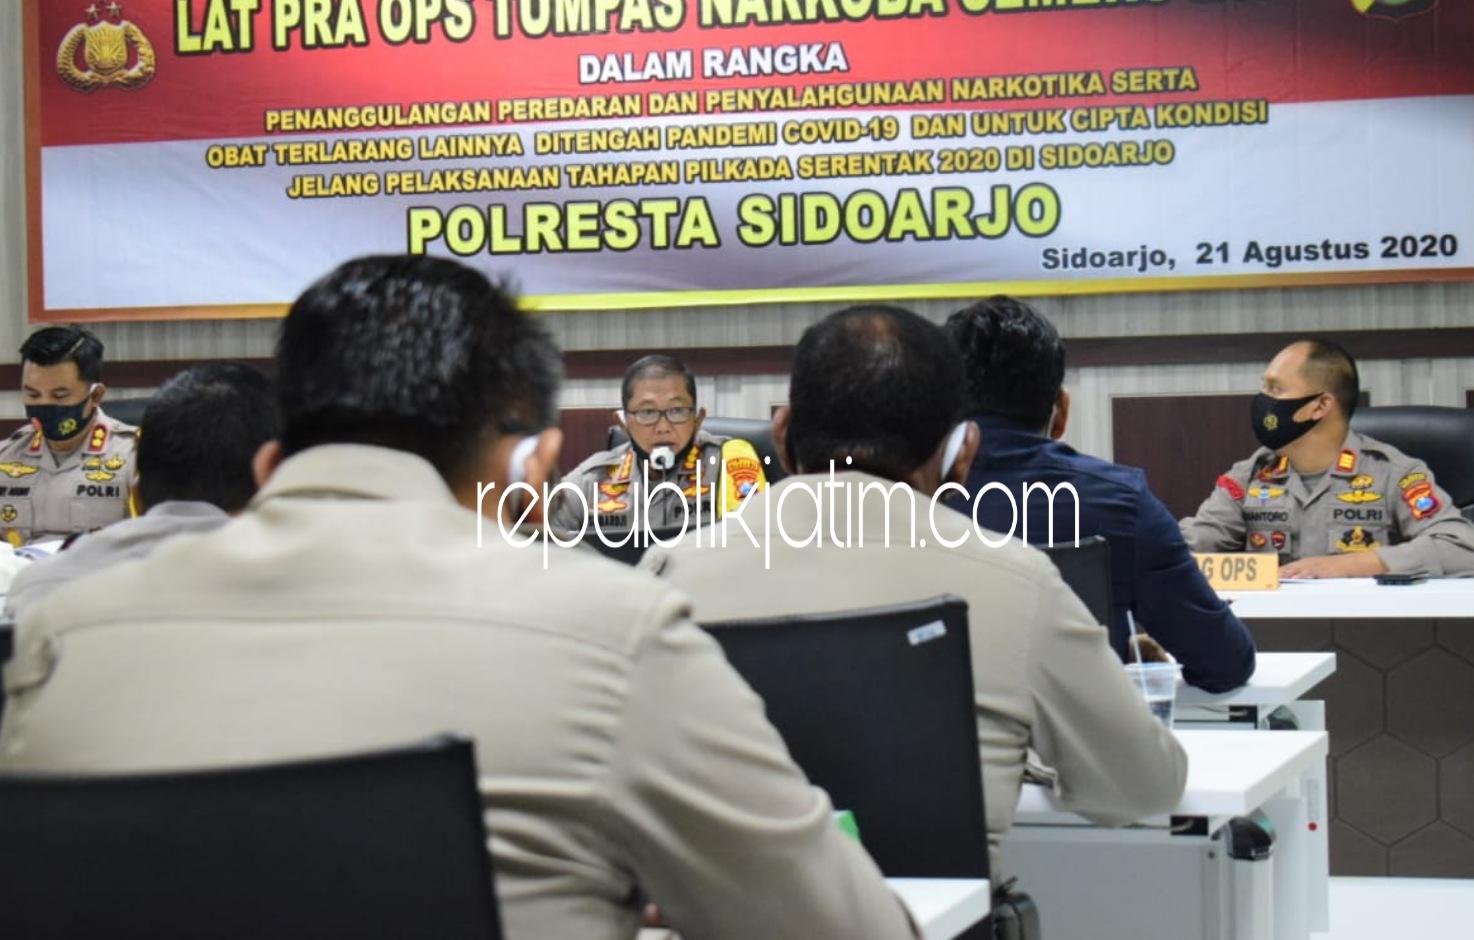 Kapolresta Sidoarjo Harapkan Hasil Maksimal dalam Operasi Tumpas Narkoba